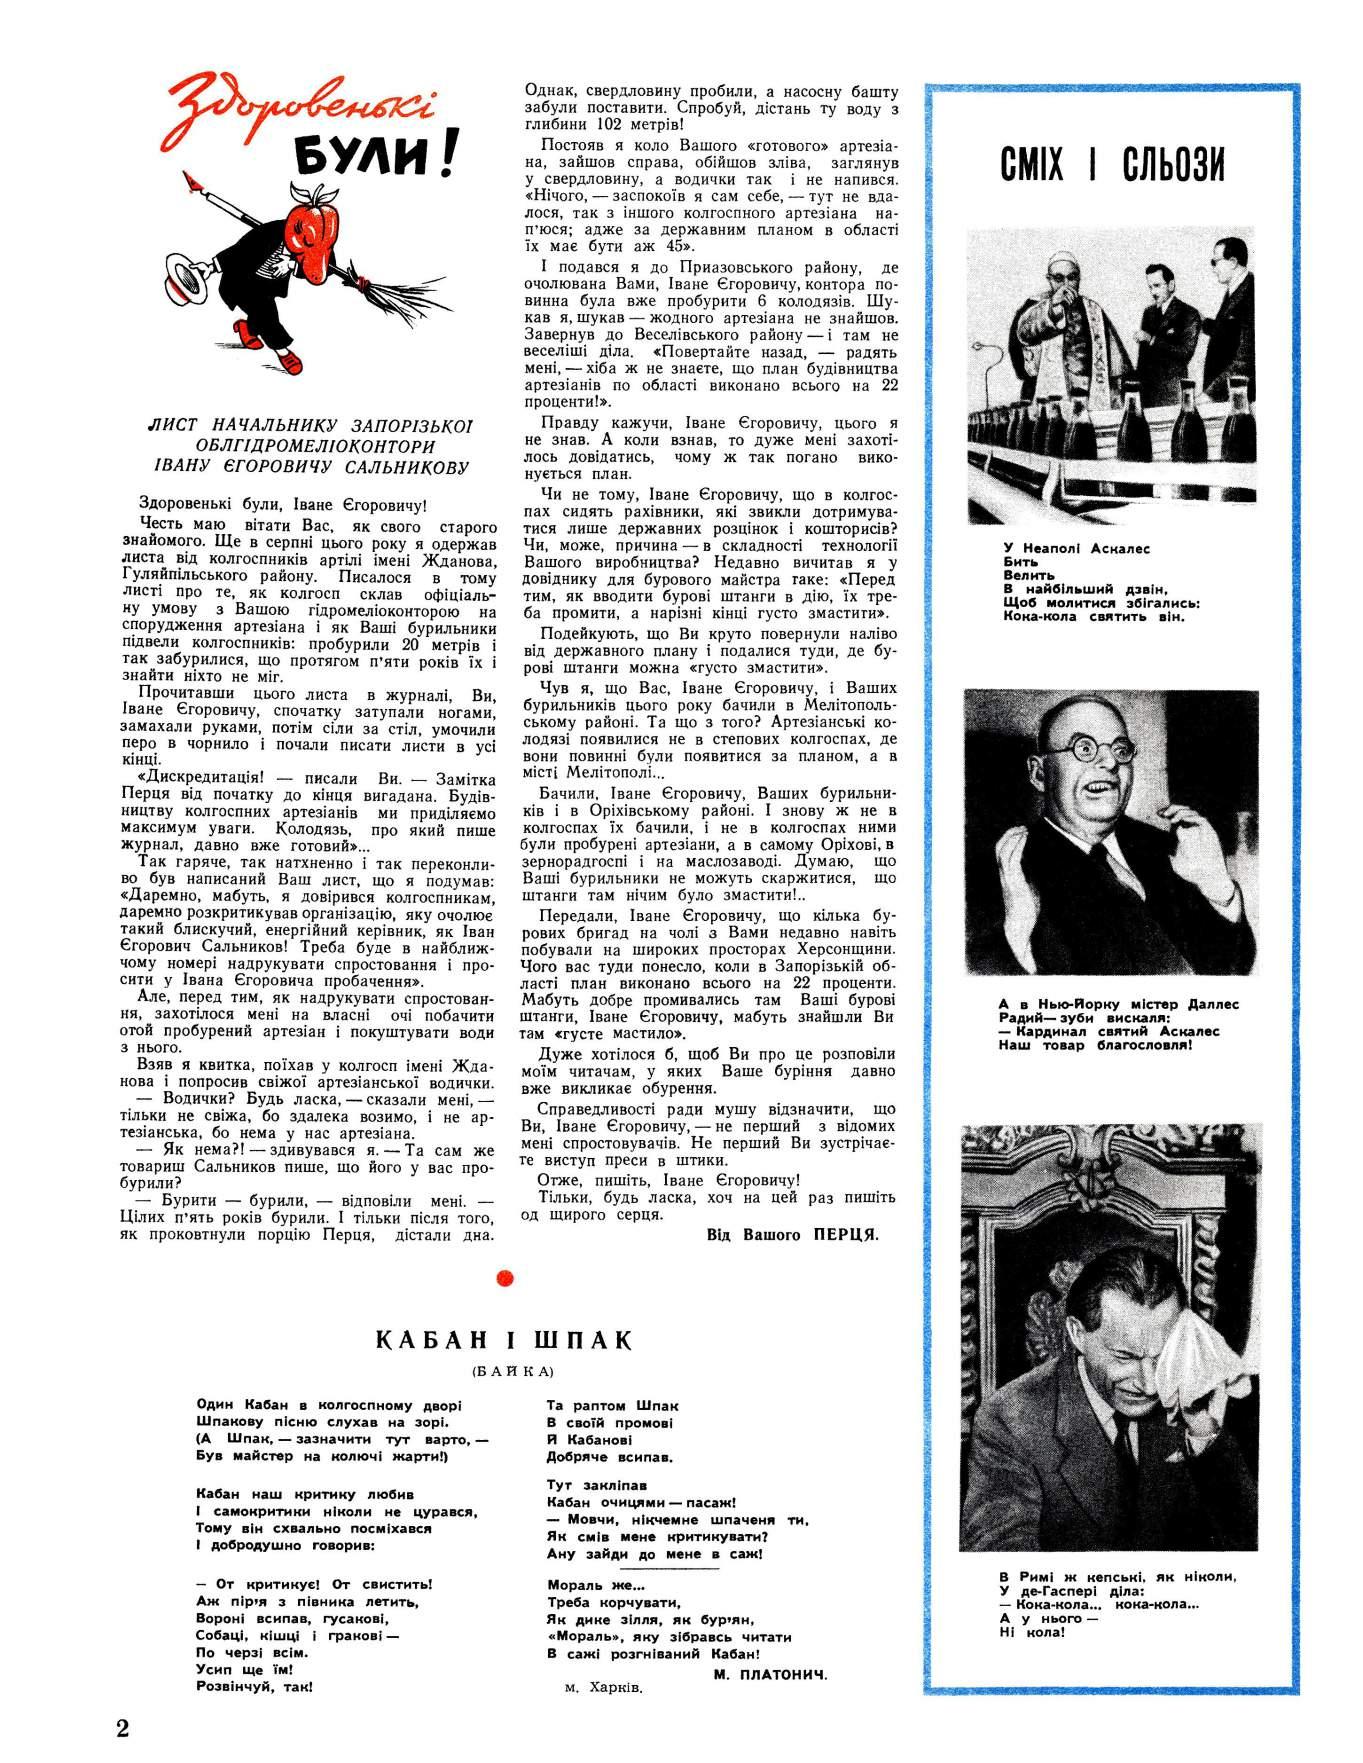 Журнал перець 1950 №21